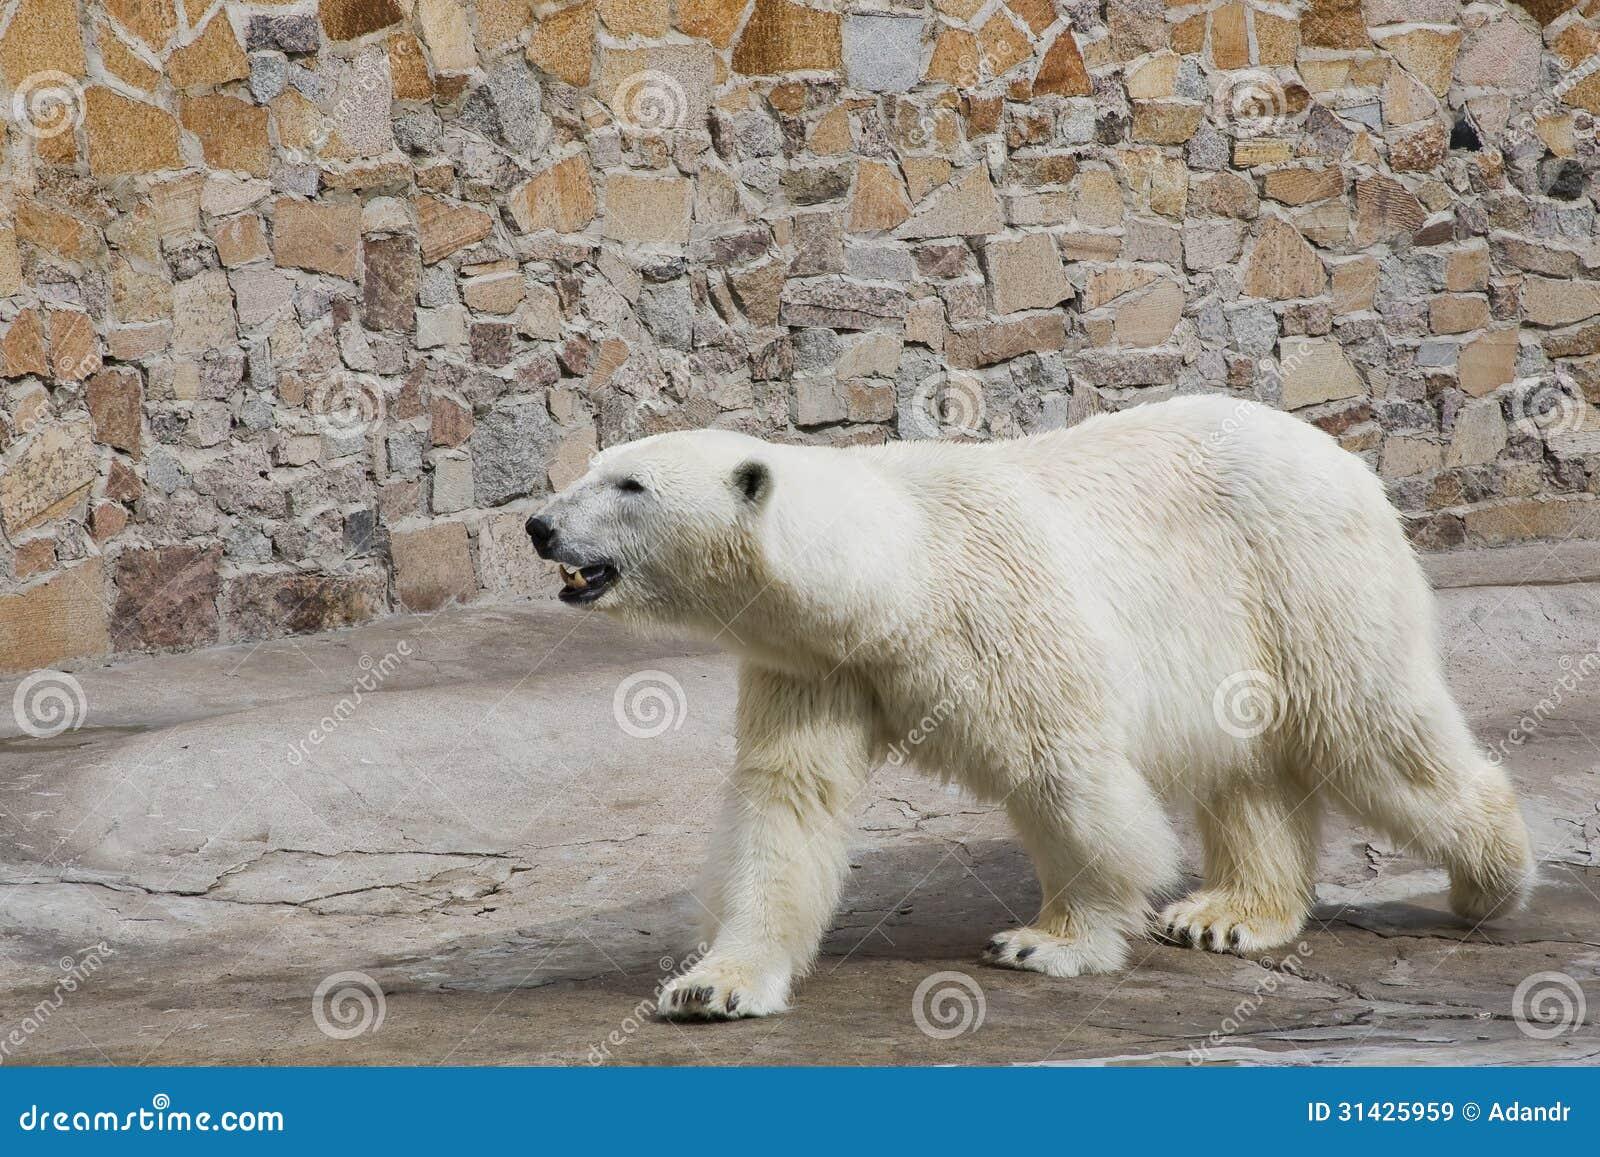 北极熊在一个平台去在动物园里.超凡蜘蛛侠2观看游戏图片